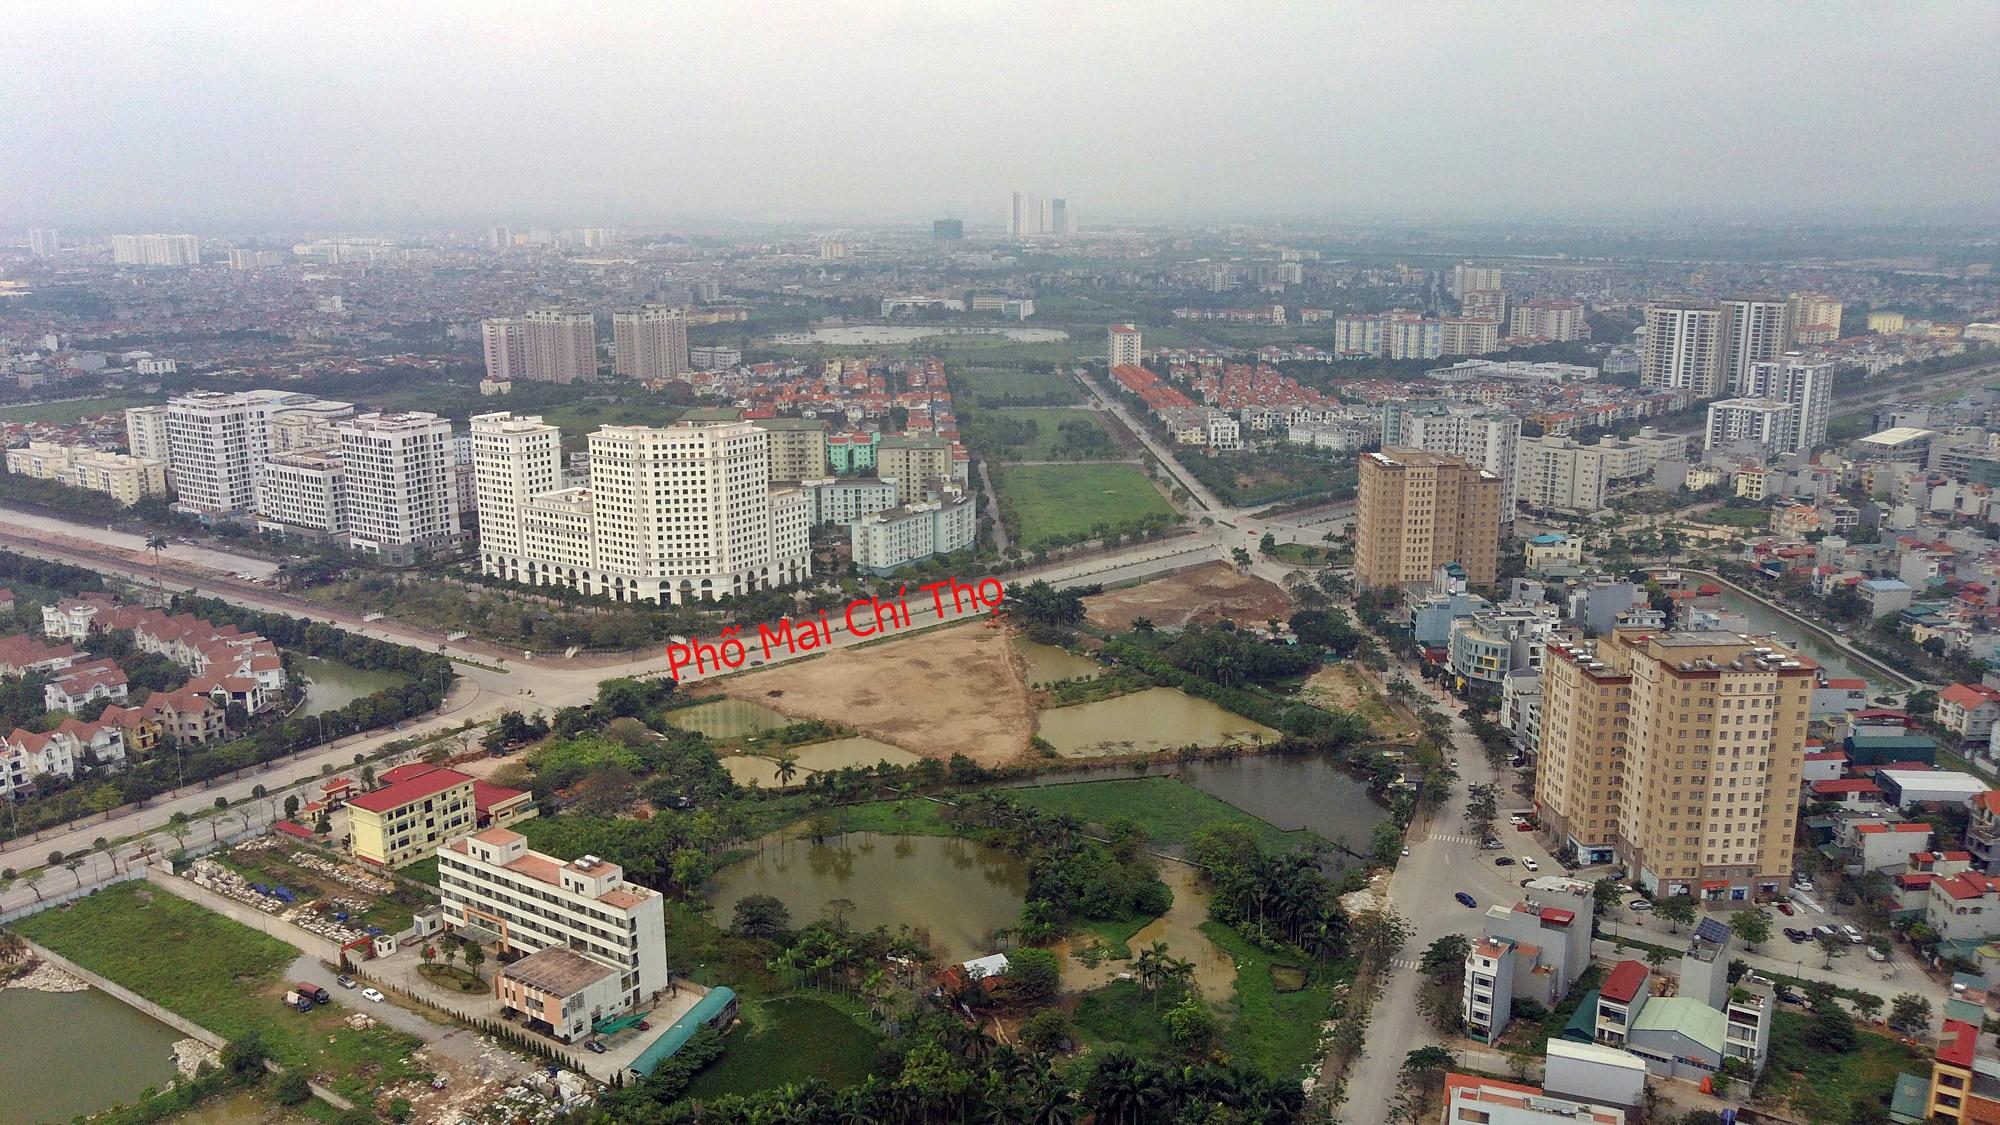 Cầu sẽ mở theo qui hoạch ở Hà Nội: Toành cảnh vị trí làm cầu Giang Biên - Ảnh 14.